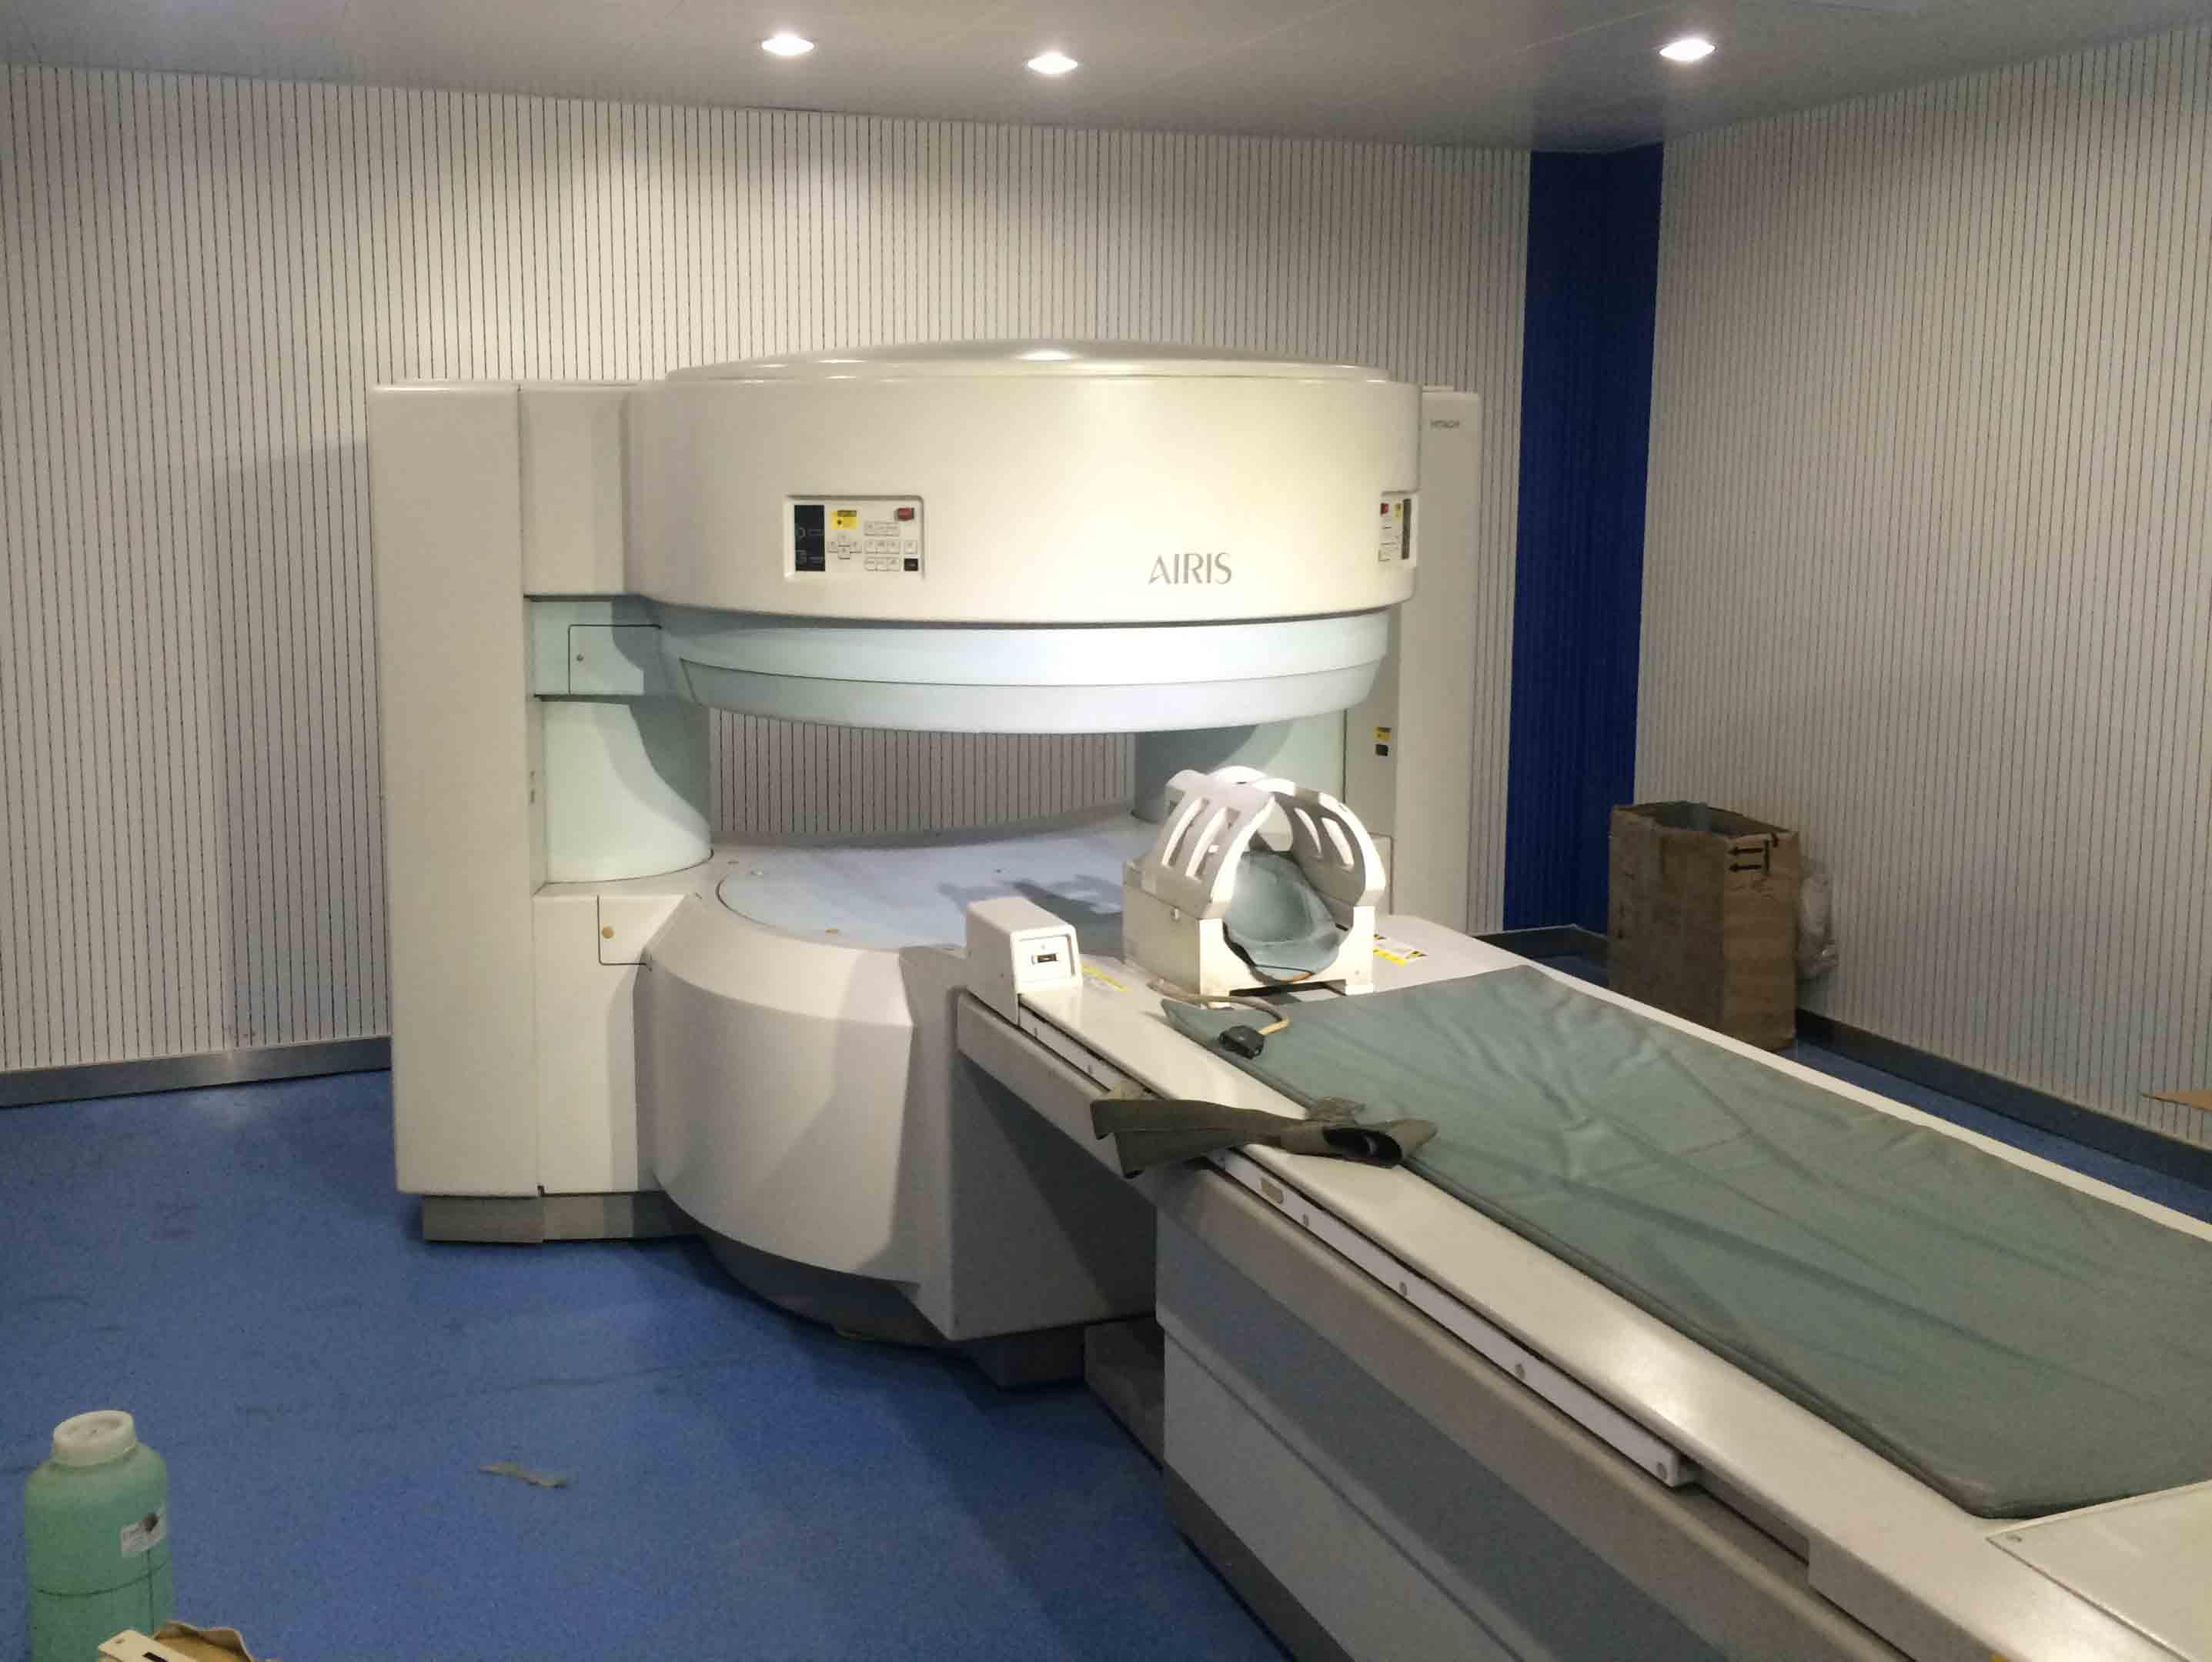 日立0.3T磁共振英国威廉希尔公司APP室